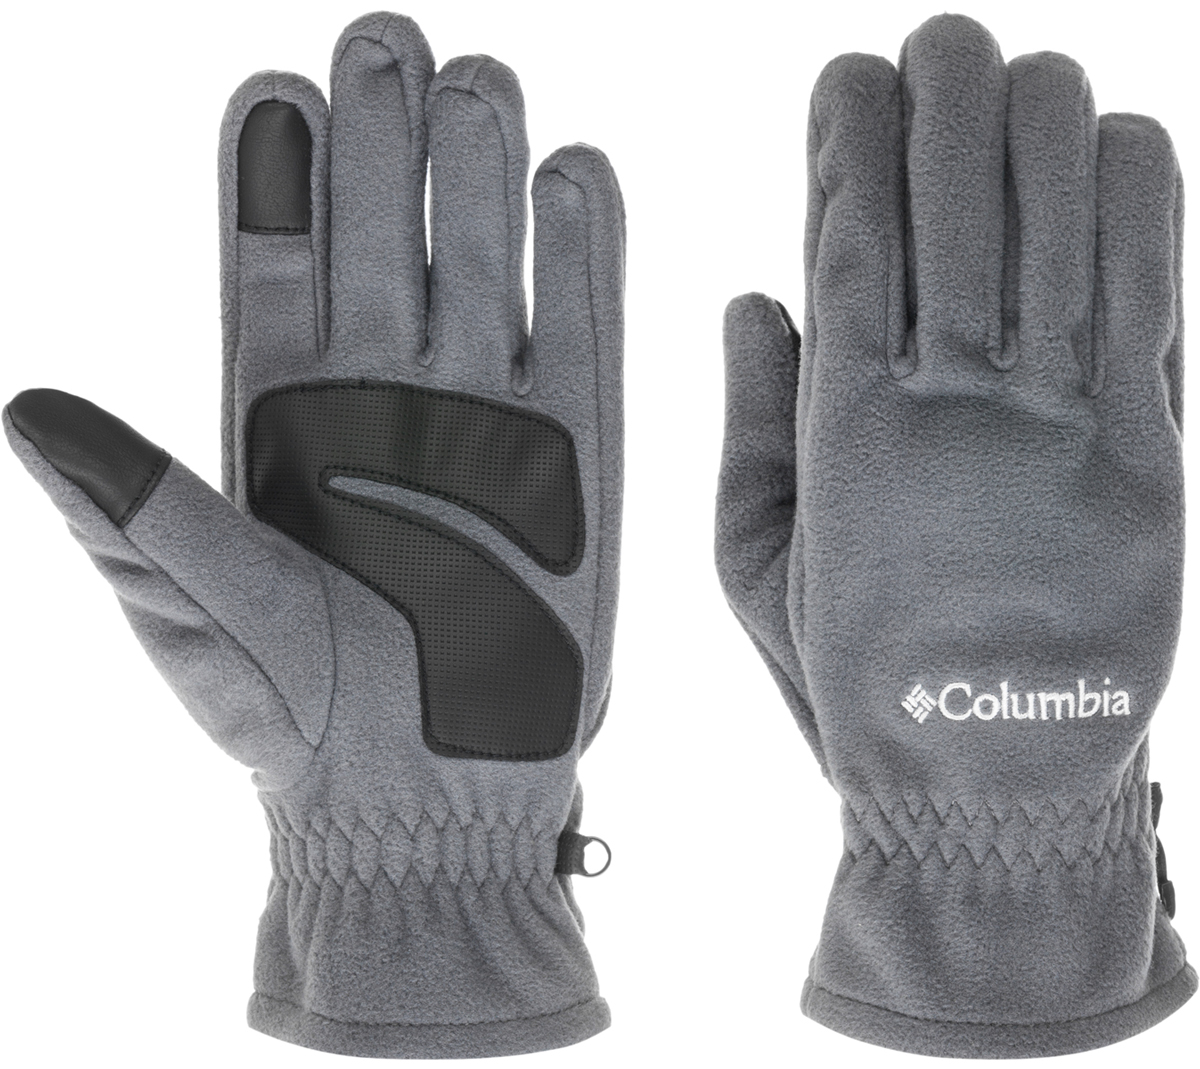 Перчатки мужские Columbia Thermarator Glove, цвет: темно-серый. 1555851-053. Размер L (9)1555851-053Флисовые перчатки идеально подойдут для активного отдыха в холодное время года. Уникальная технология Omni-Heat сохраняет собственное тепло человека, отражая его с помощью серебристых точек, а излишняя влага отводится наружу. Текстурированное укрепление ладони и пальцев в местах наибольшего трения защищают перчатки от истирания.